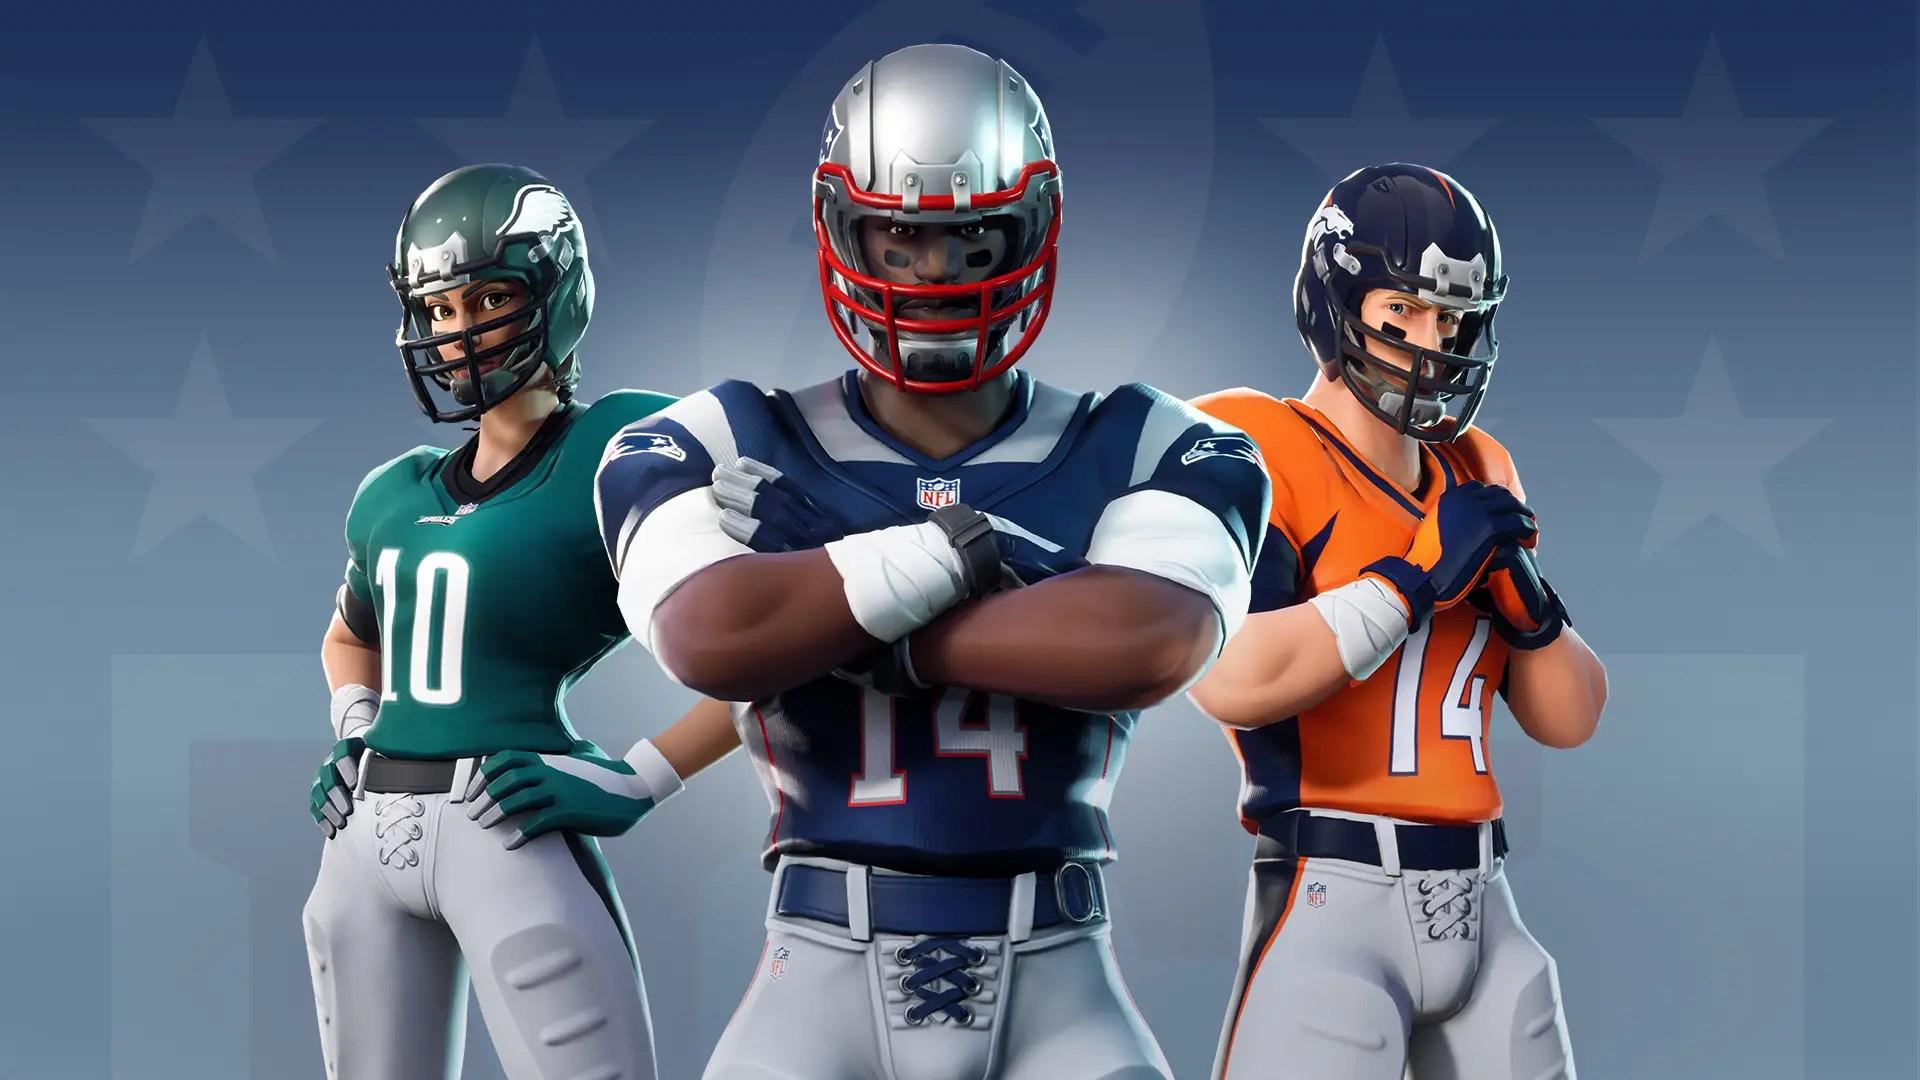 Fortnite Battle Royale Gets NFL Uniforms Business Insider